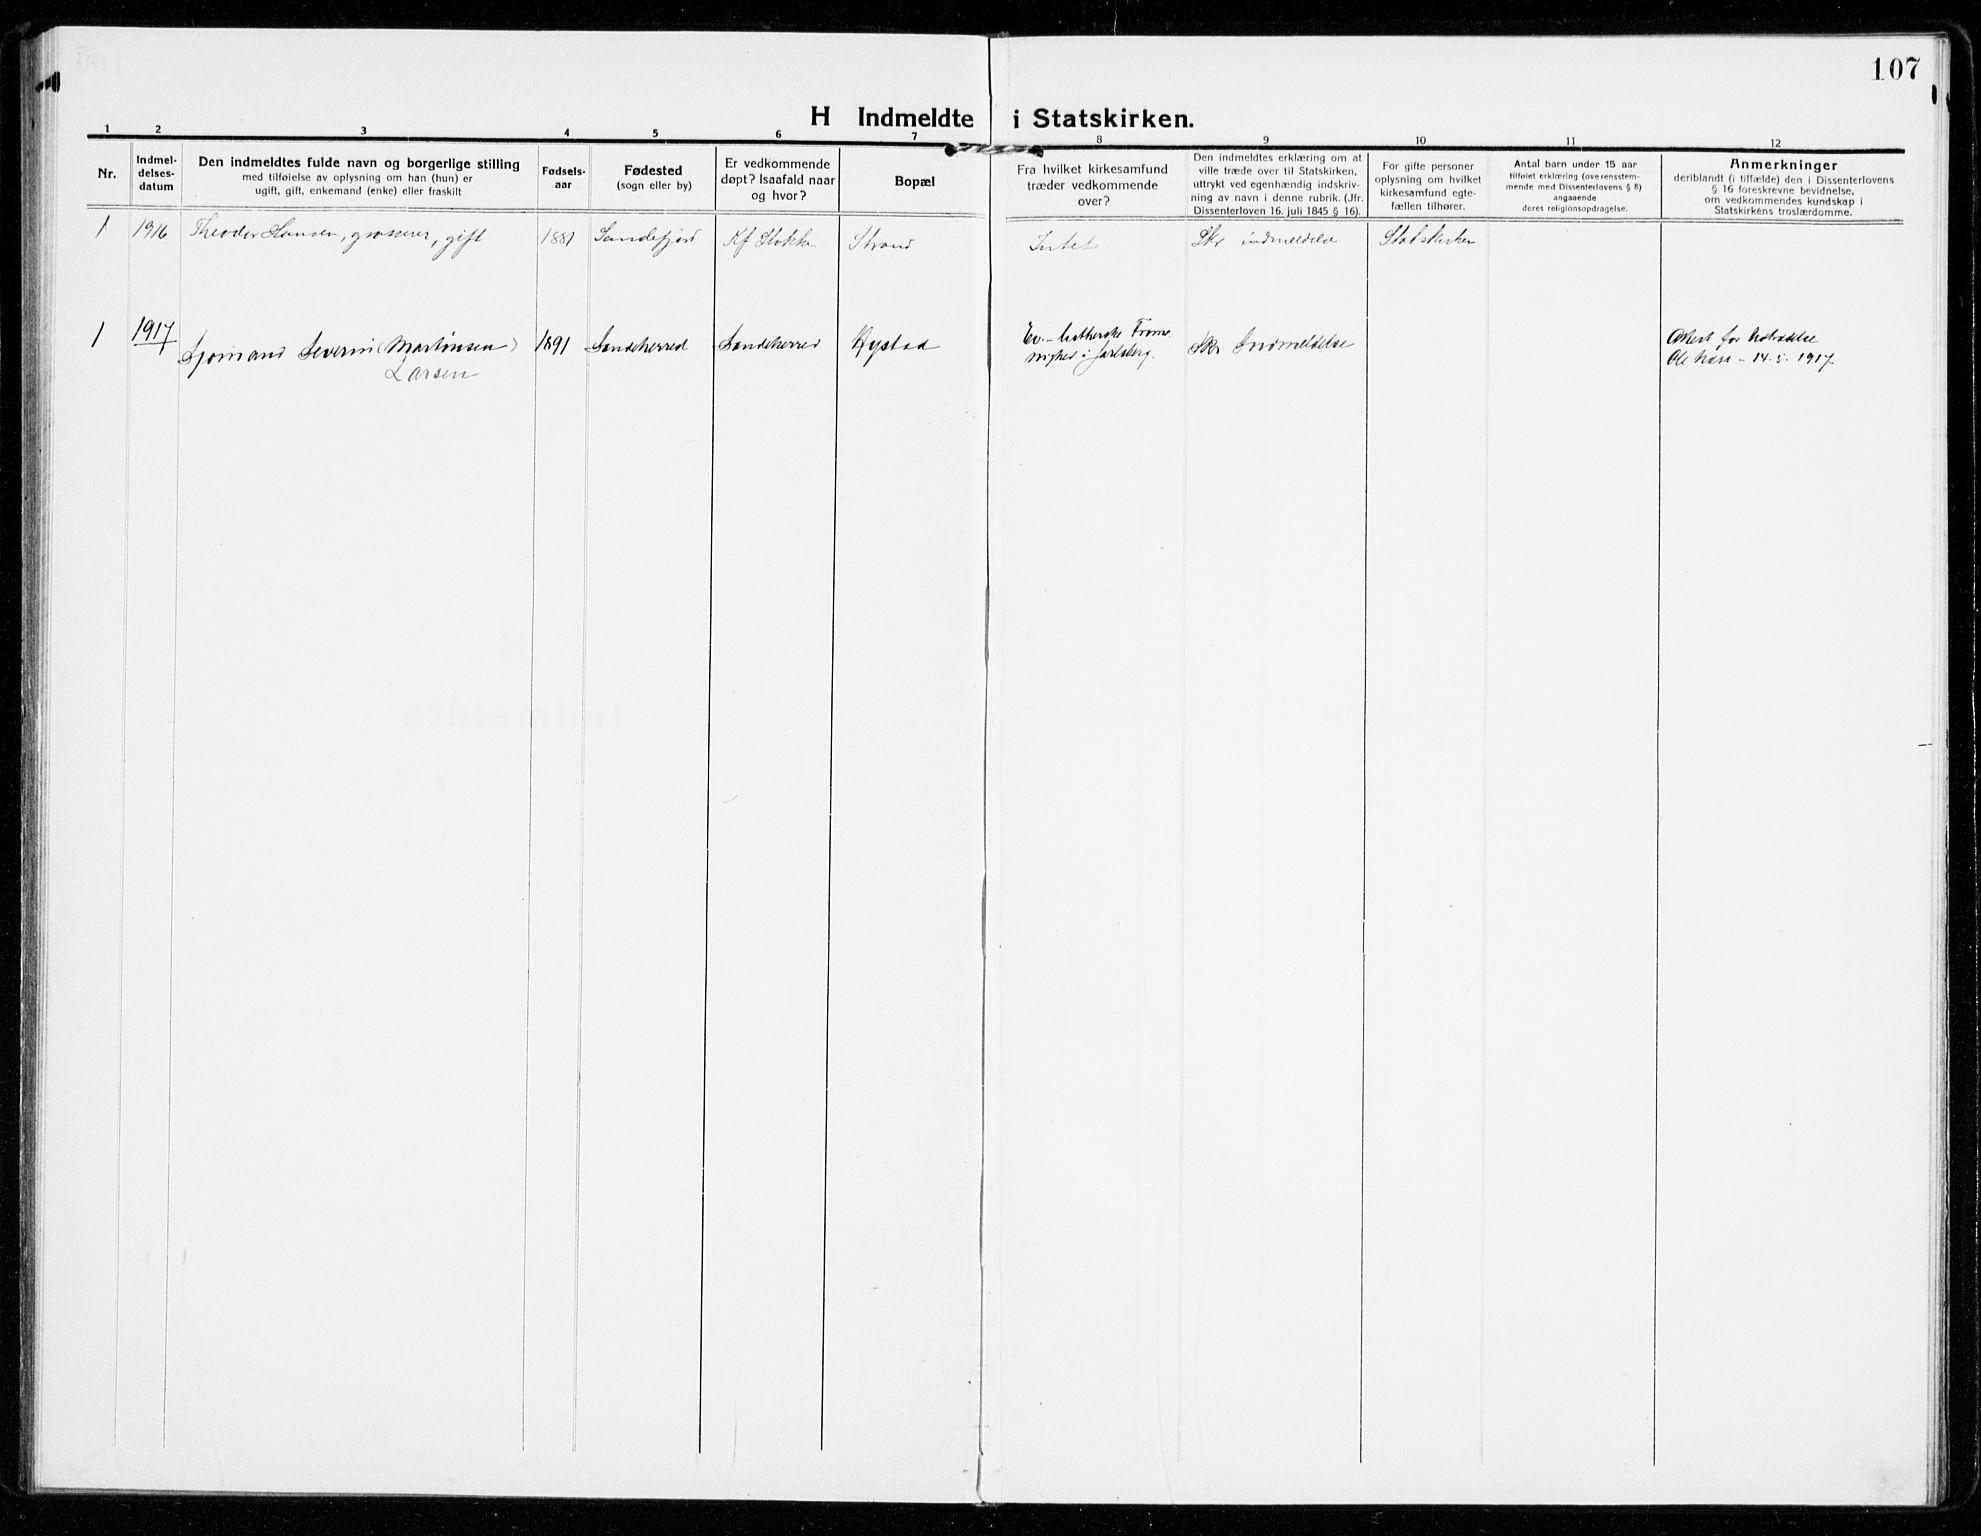 SAKO, Sandar kirkebøker, F/Fa/L0020: Ministerialbok nr. 20, 1915-1919, s. 107